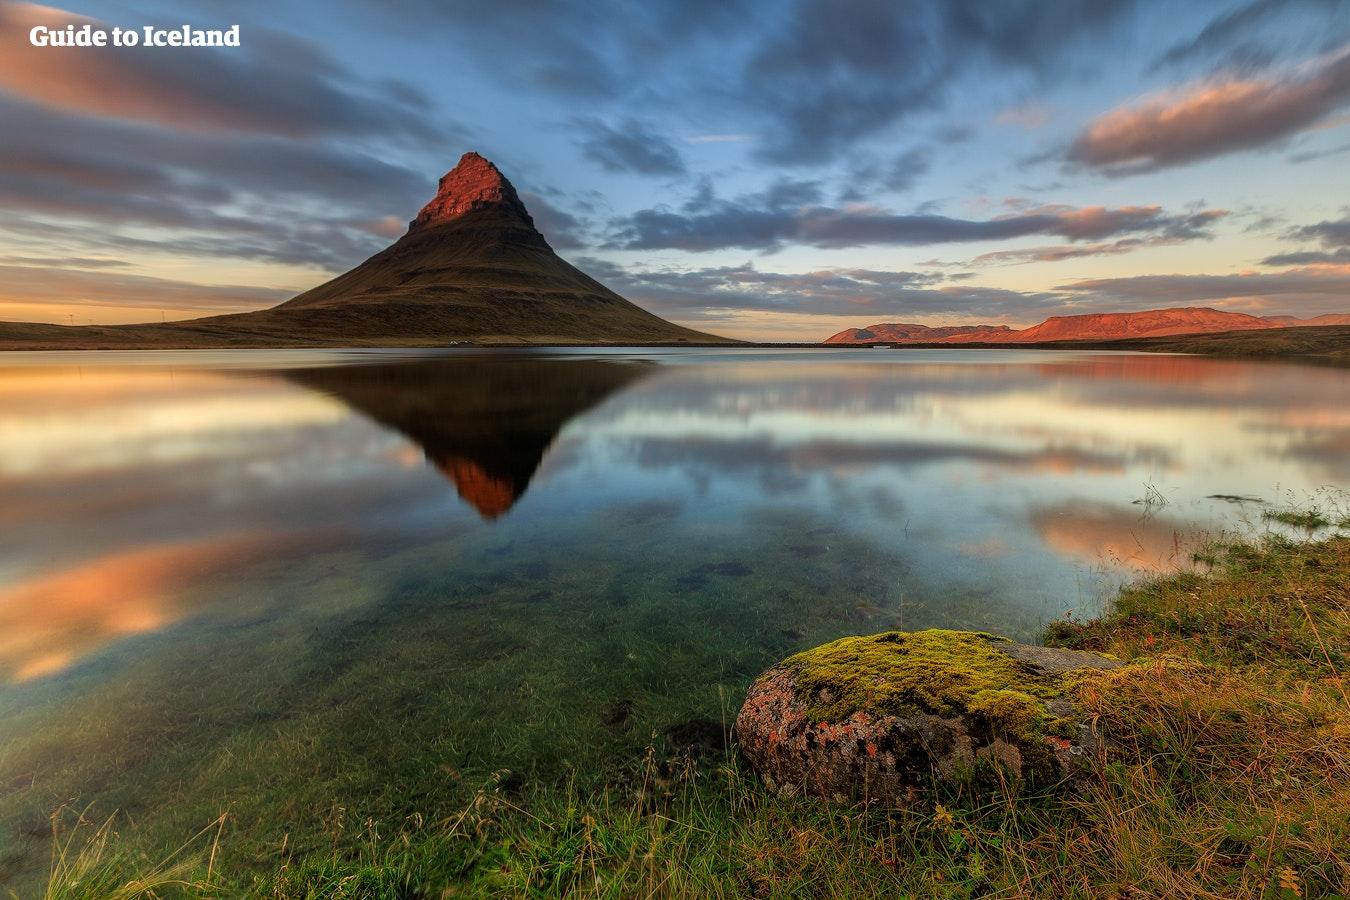 Kirkjufell, najczęściej fotografowana góra Islandii, znajduje się w pobliżu miejscowości Grundarfjörður.